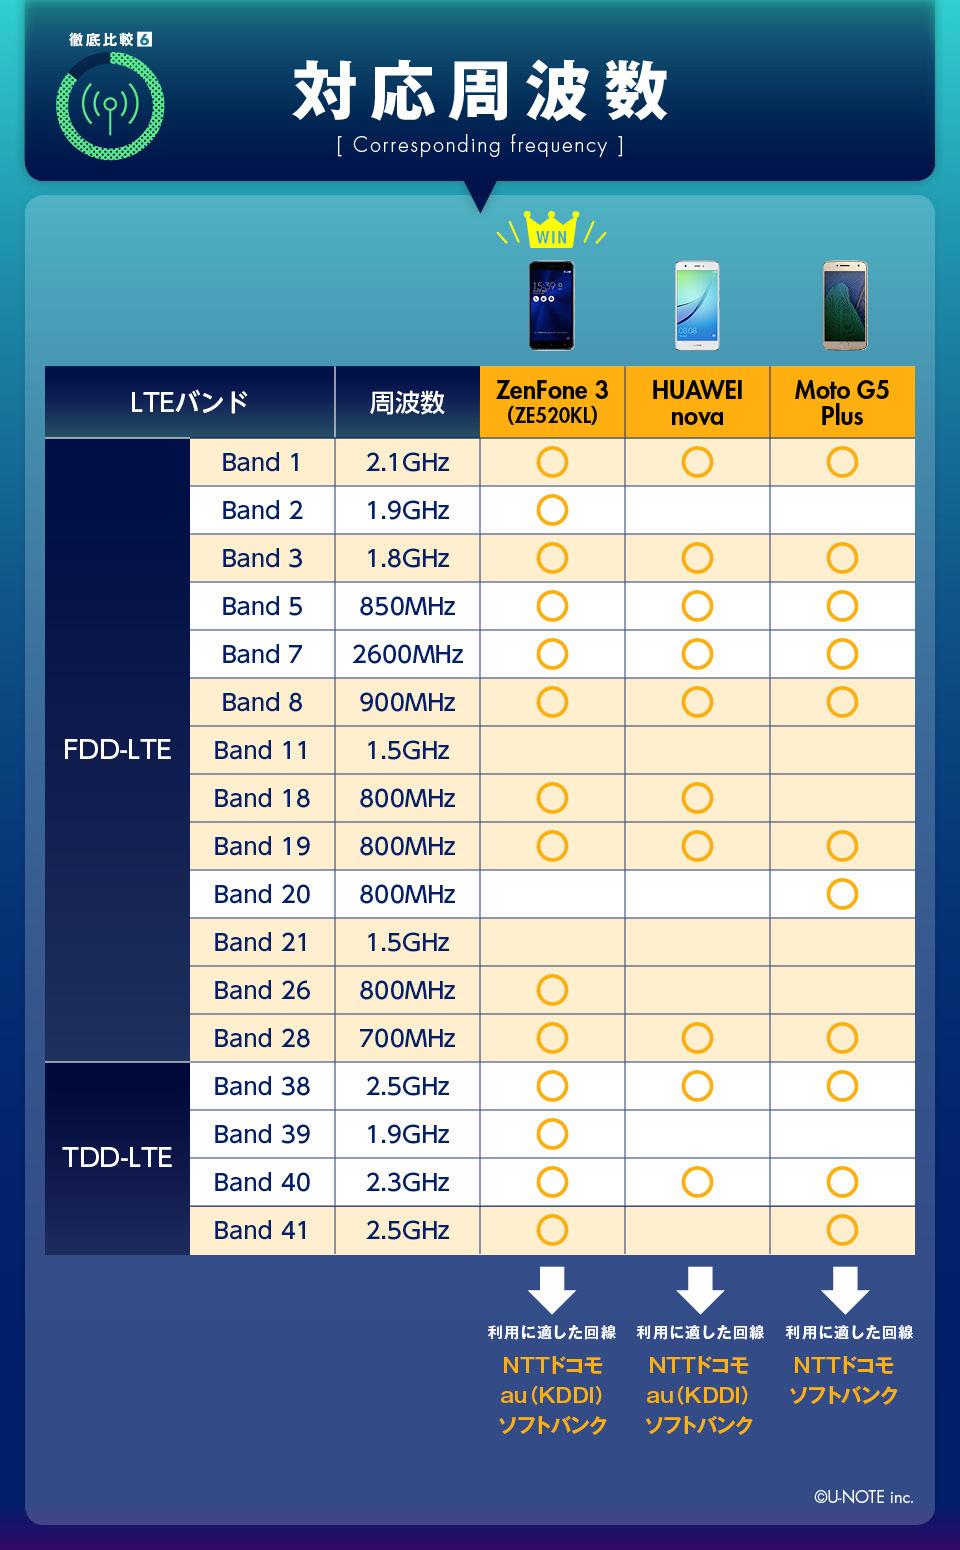 インフォグラフィックで丸わかり! SIMフリー御三家の売れ筋モデルガチンコ比較!! 10番目の画像